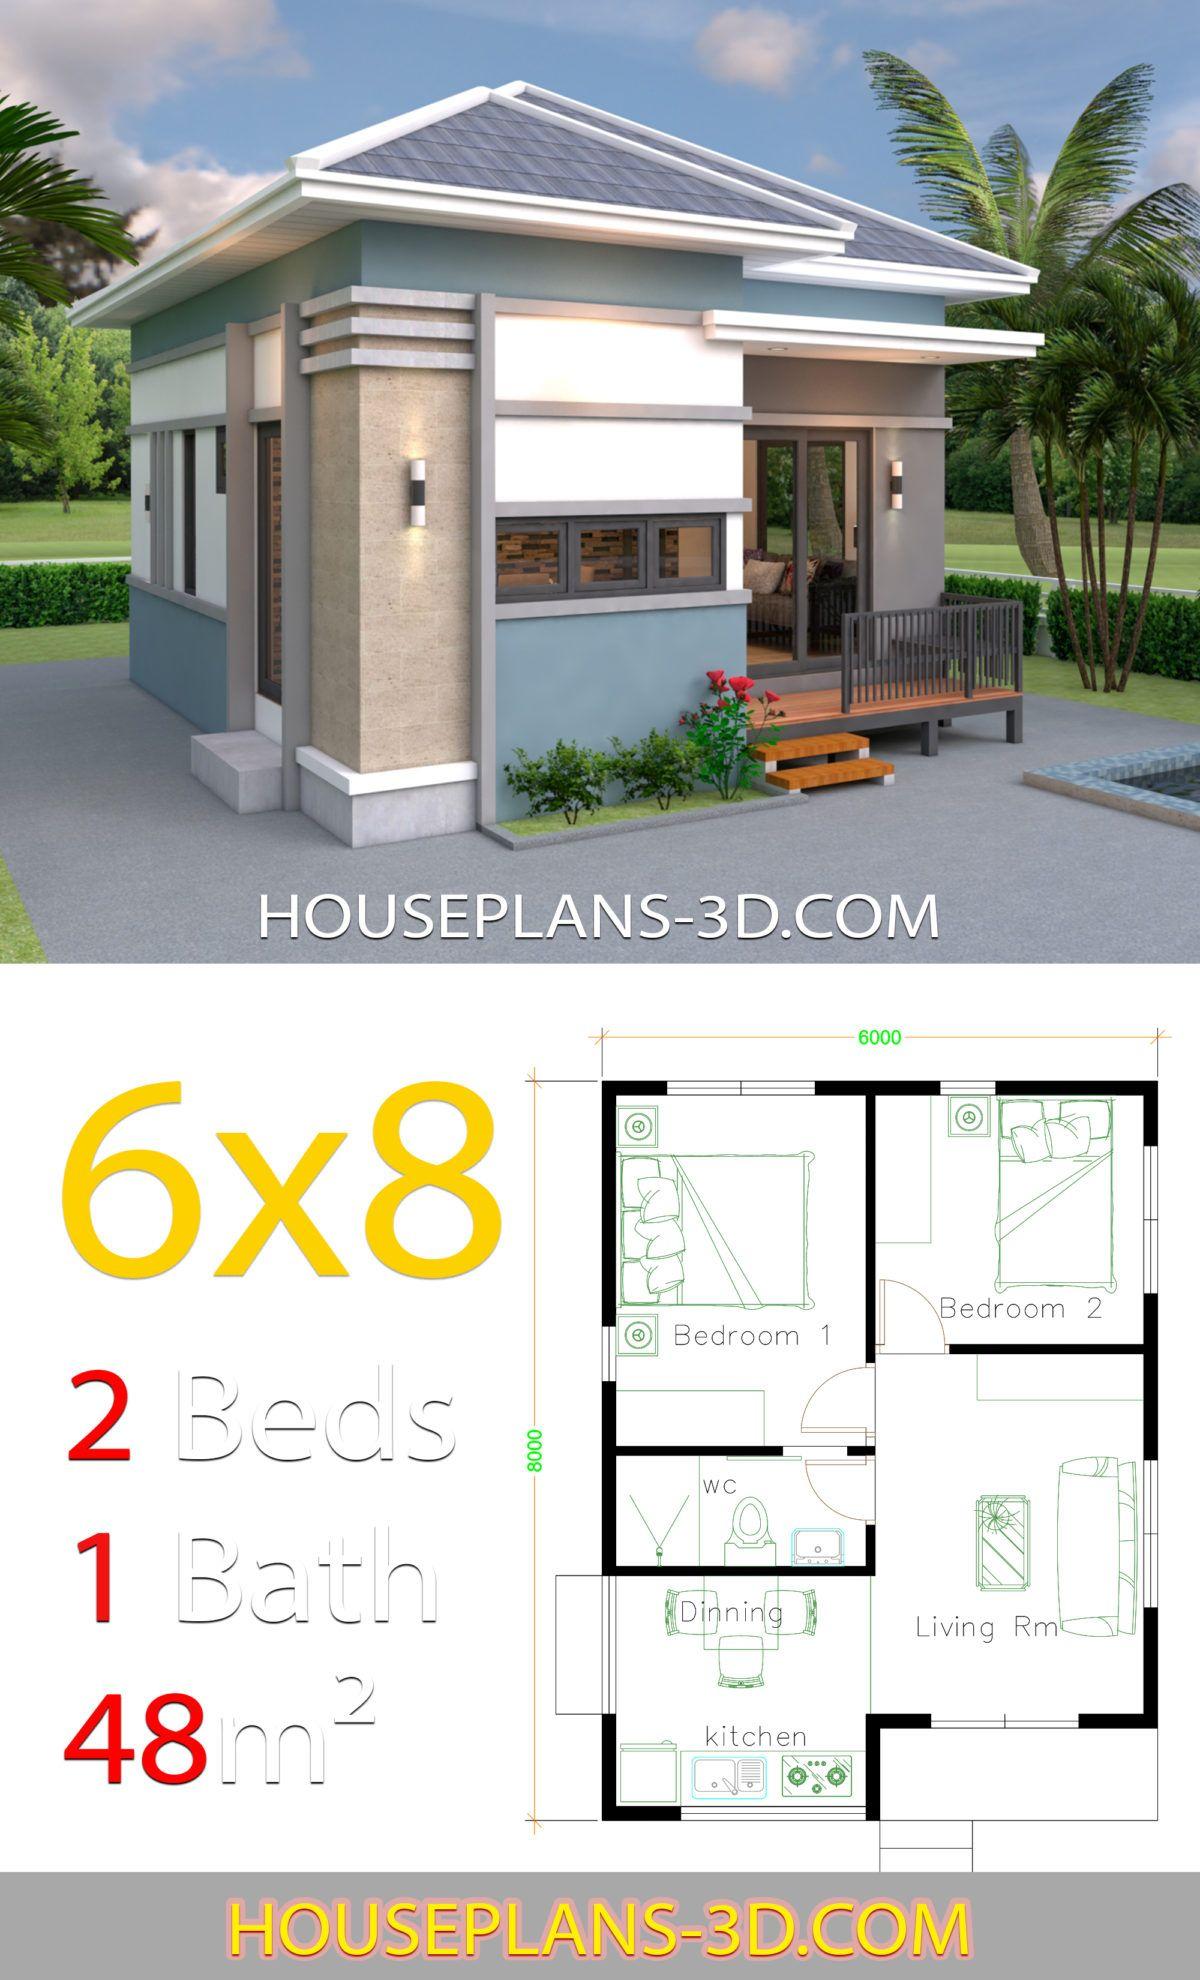 House Design 6x8 With 2 Bedrooms Hip Roof House Plans 3d Denah Rumah 2 Kamar Tidur Desain Rumah Kecil Desain Depan Rumah